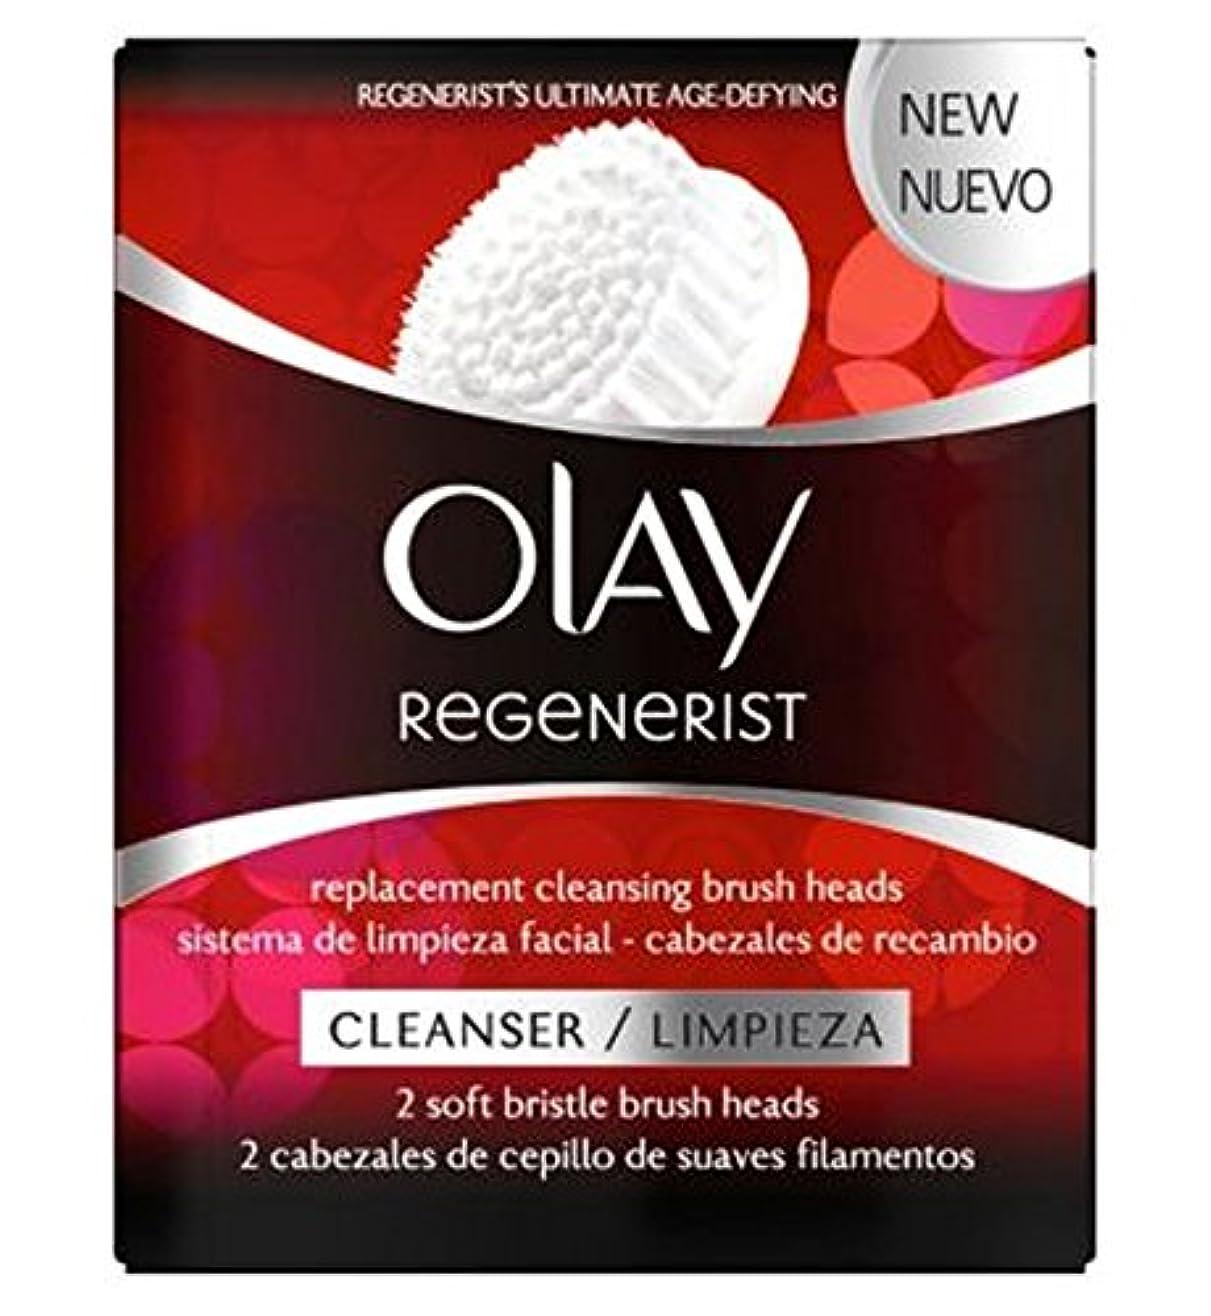 トロイの木馬航海現実にはオーレイリジェネ2交換用クレンジングブラシヘッド (Olay) (x2) - Olay Regenerist 2 Replacement Cleansing Brush Heads (Pack of 2) [並行輸入品]